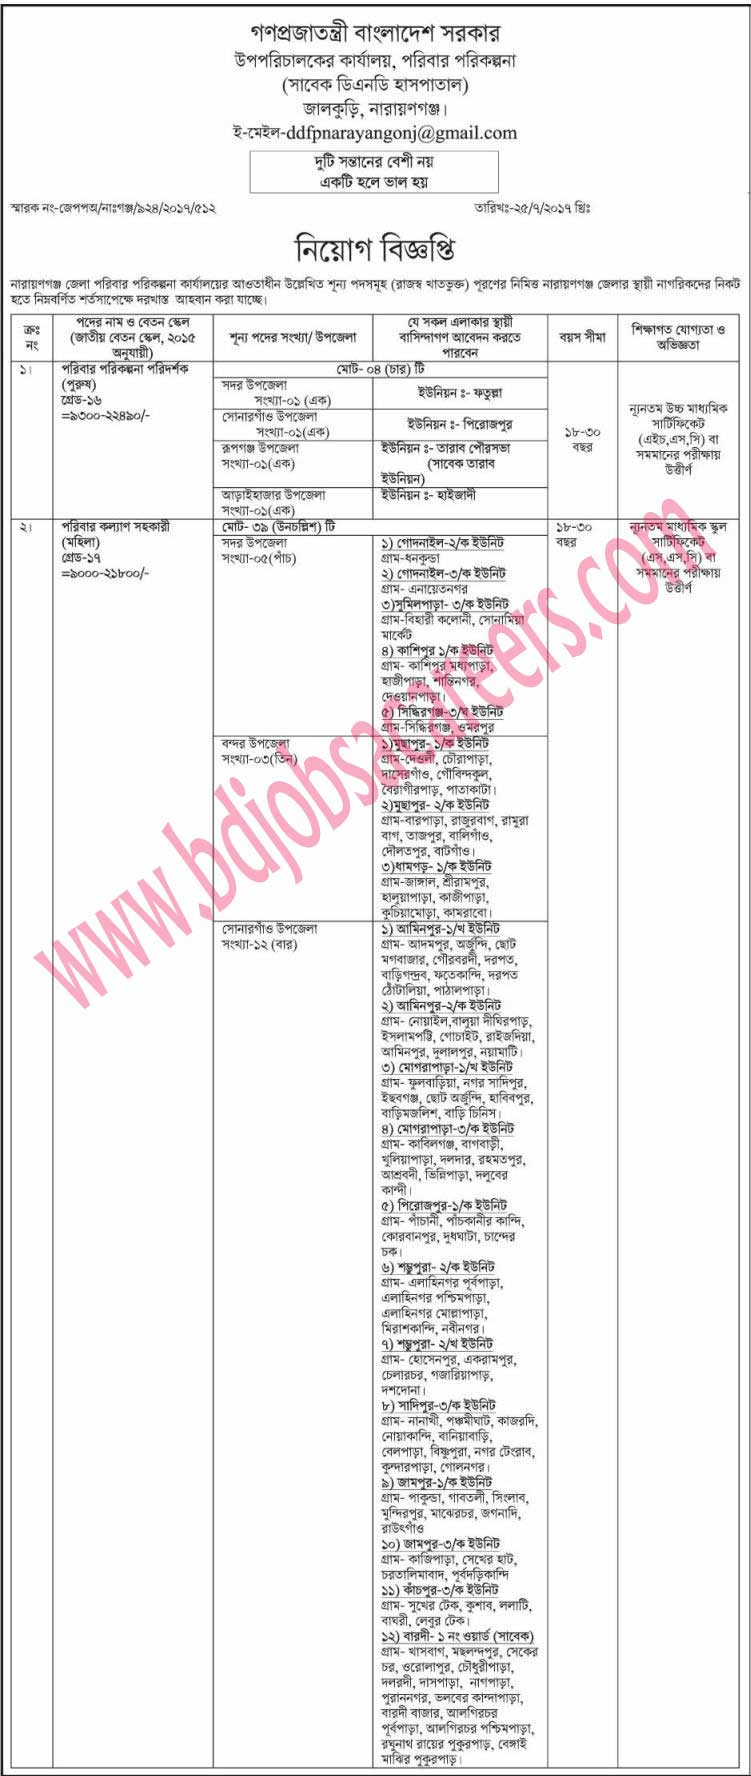 Narayanganj District Family Planning Office Job Circular 2017